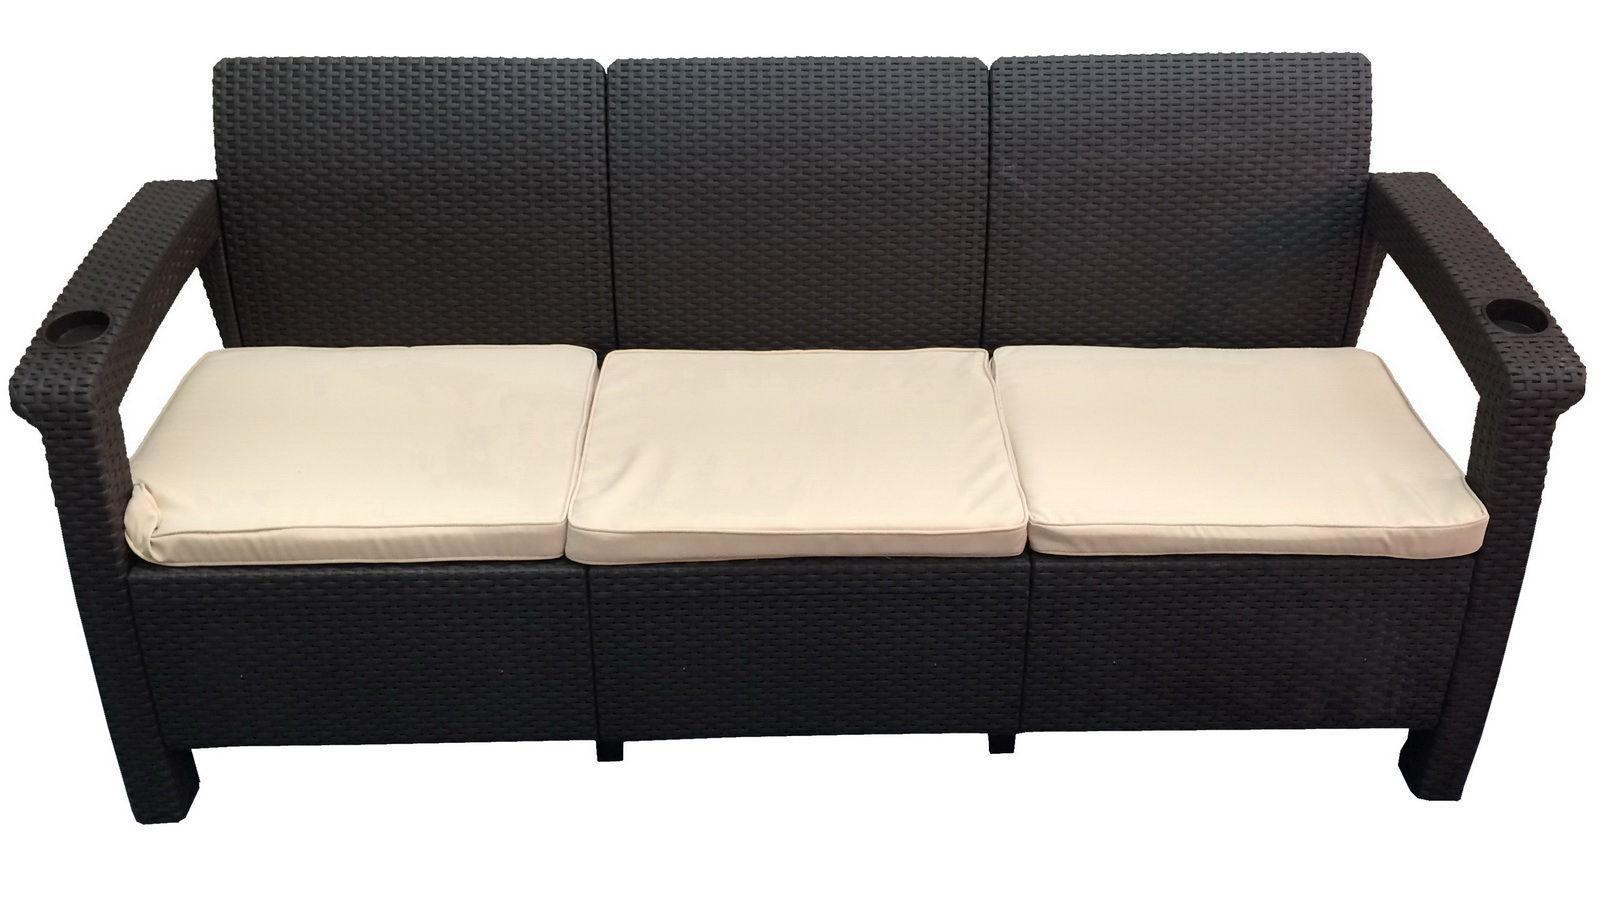 Диван пластиковый трехместный Sofa 3 Seat